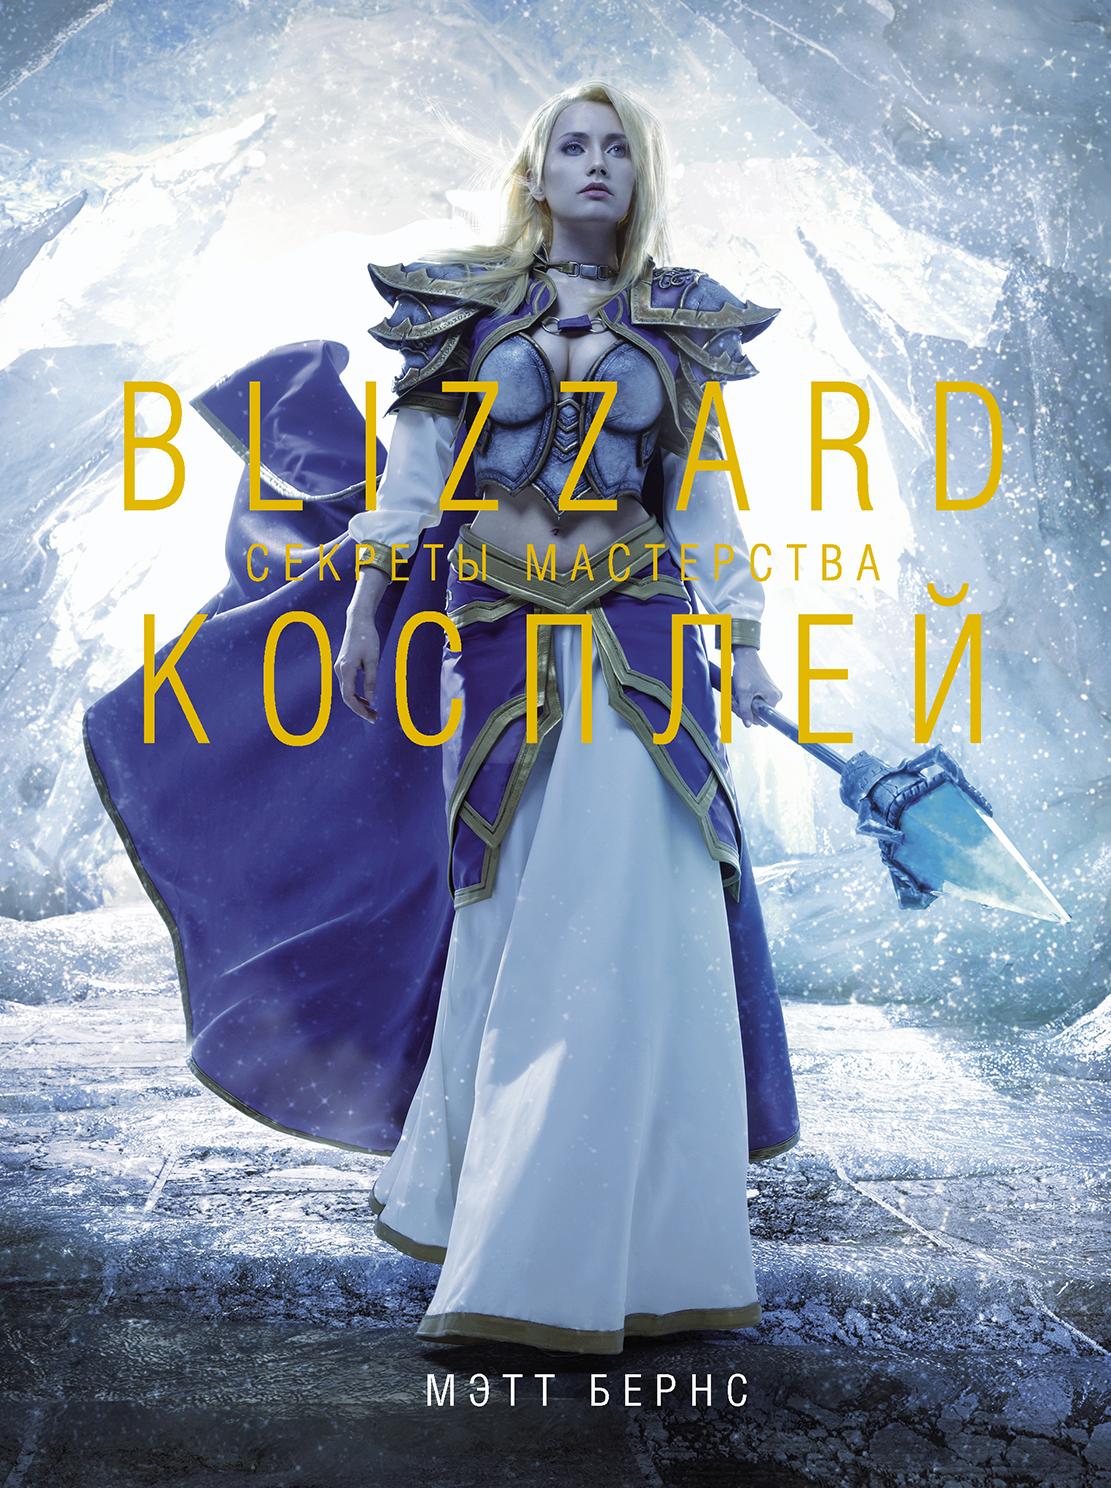 Мэтт Бёрнс Blizzard Косплей: Секреты мастерства